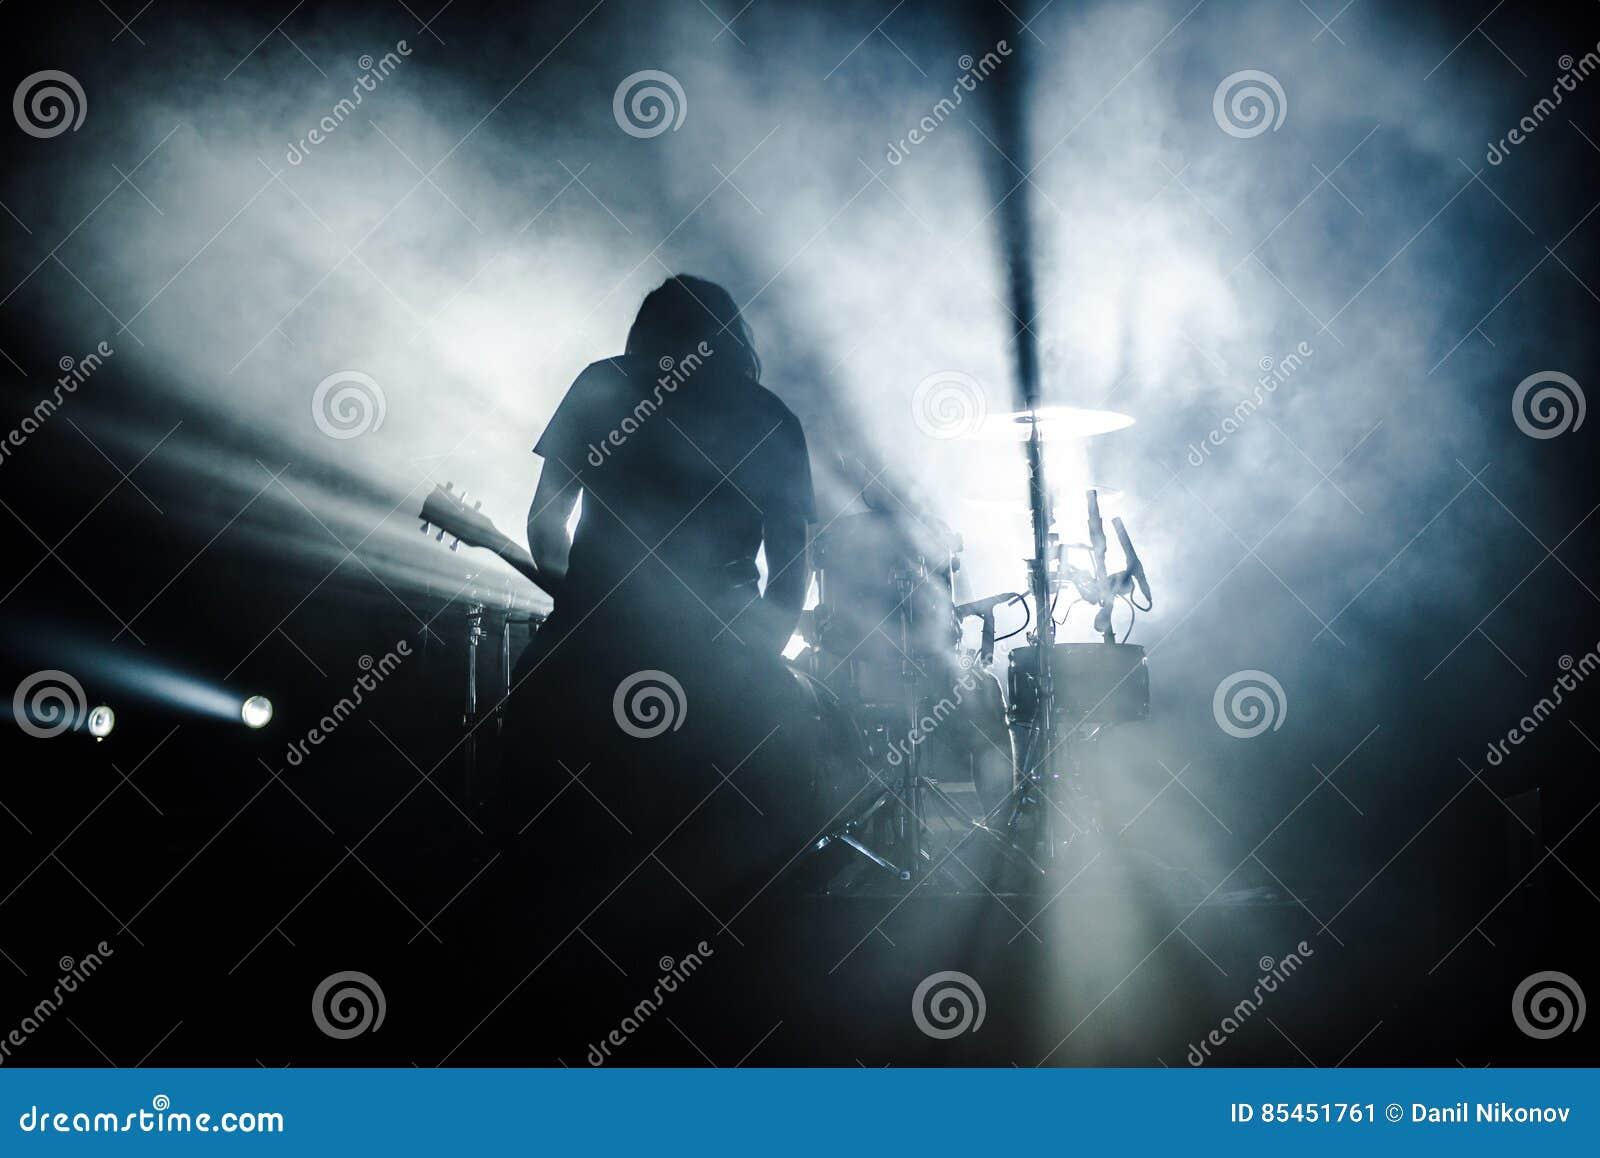 摇滚乐队在阶段执行 吉他弹奏者独奏使用 吉他演奏员剪影行动的对在音乐会人群前面的阶段